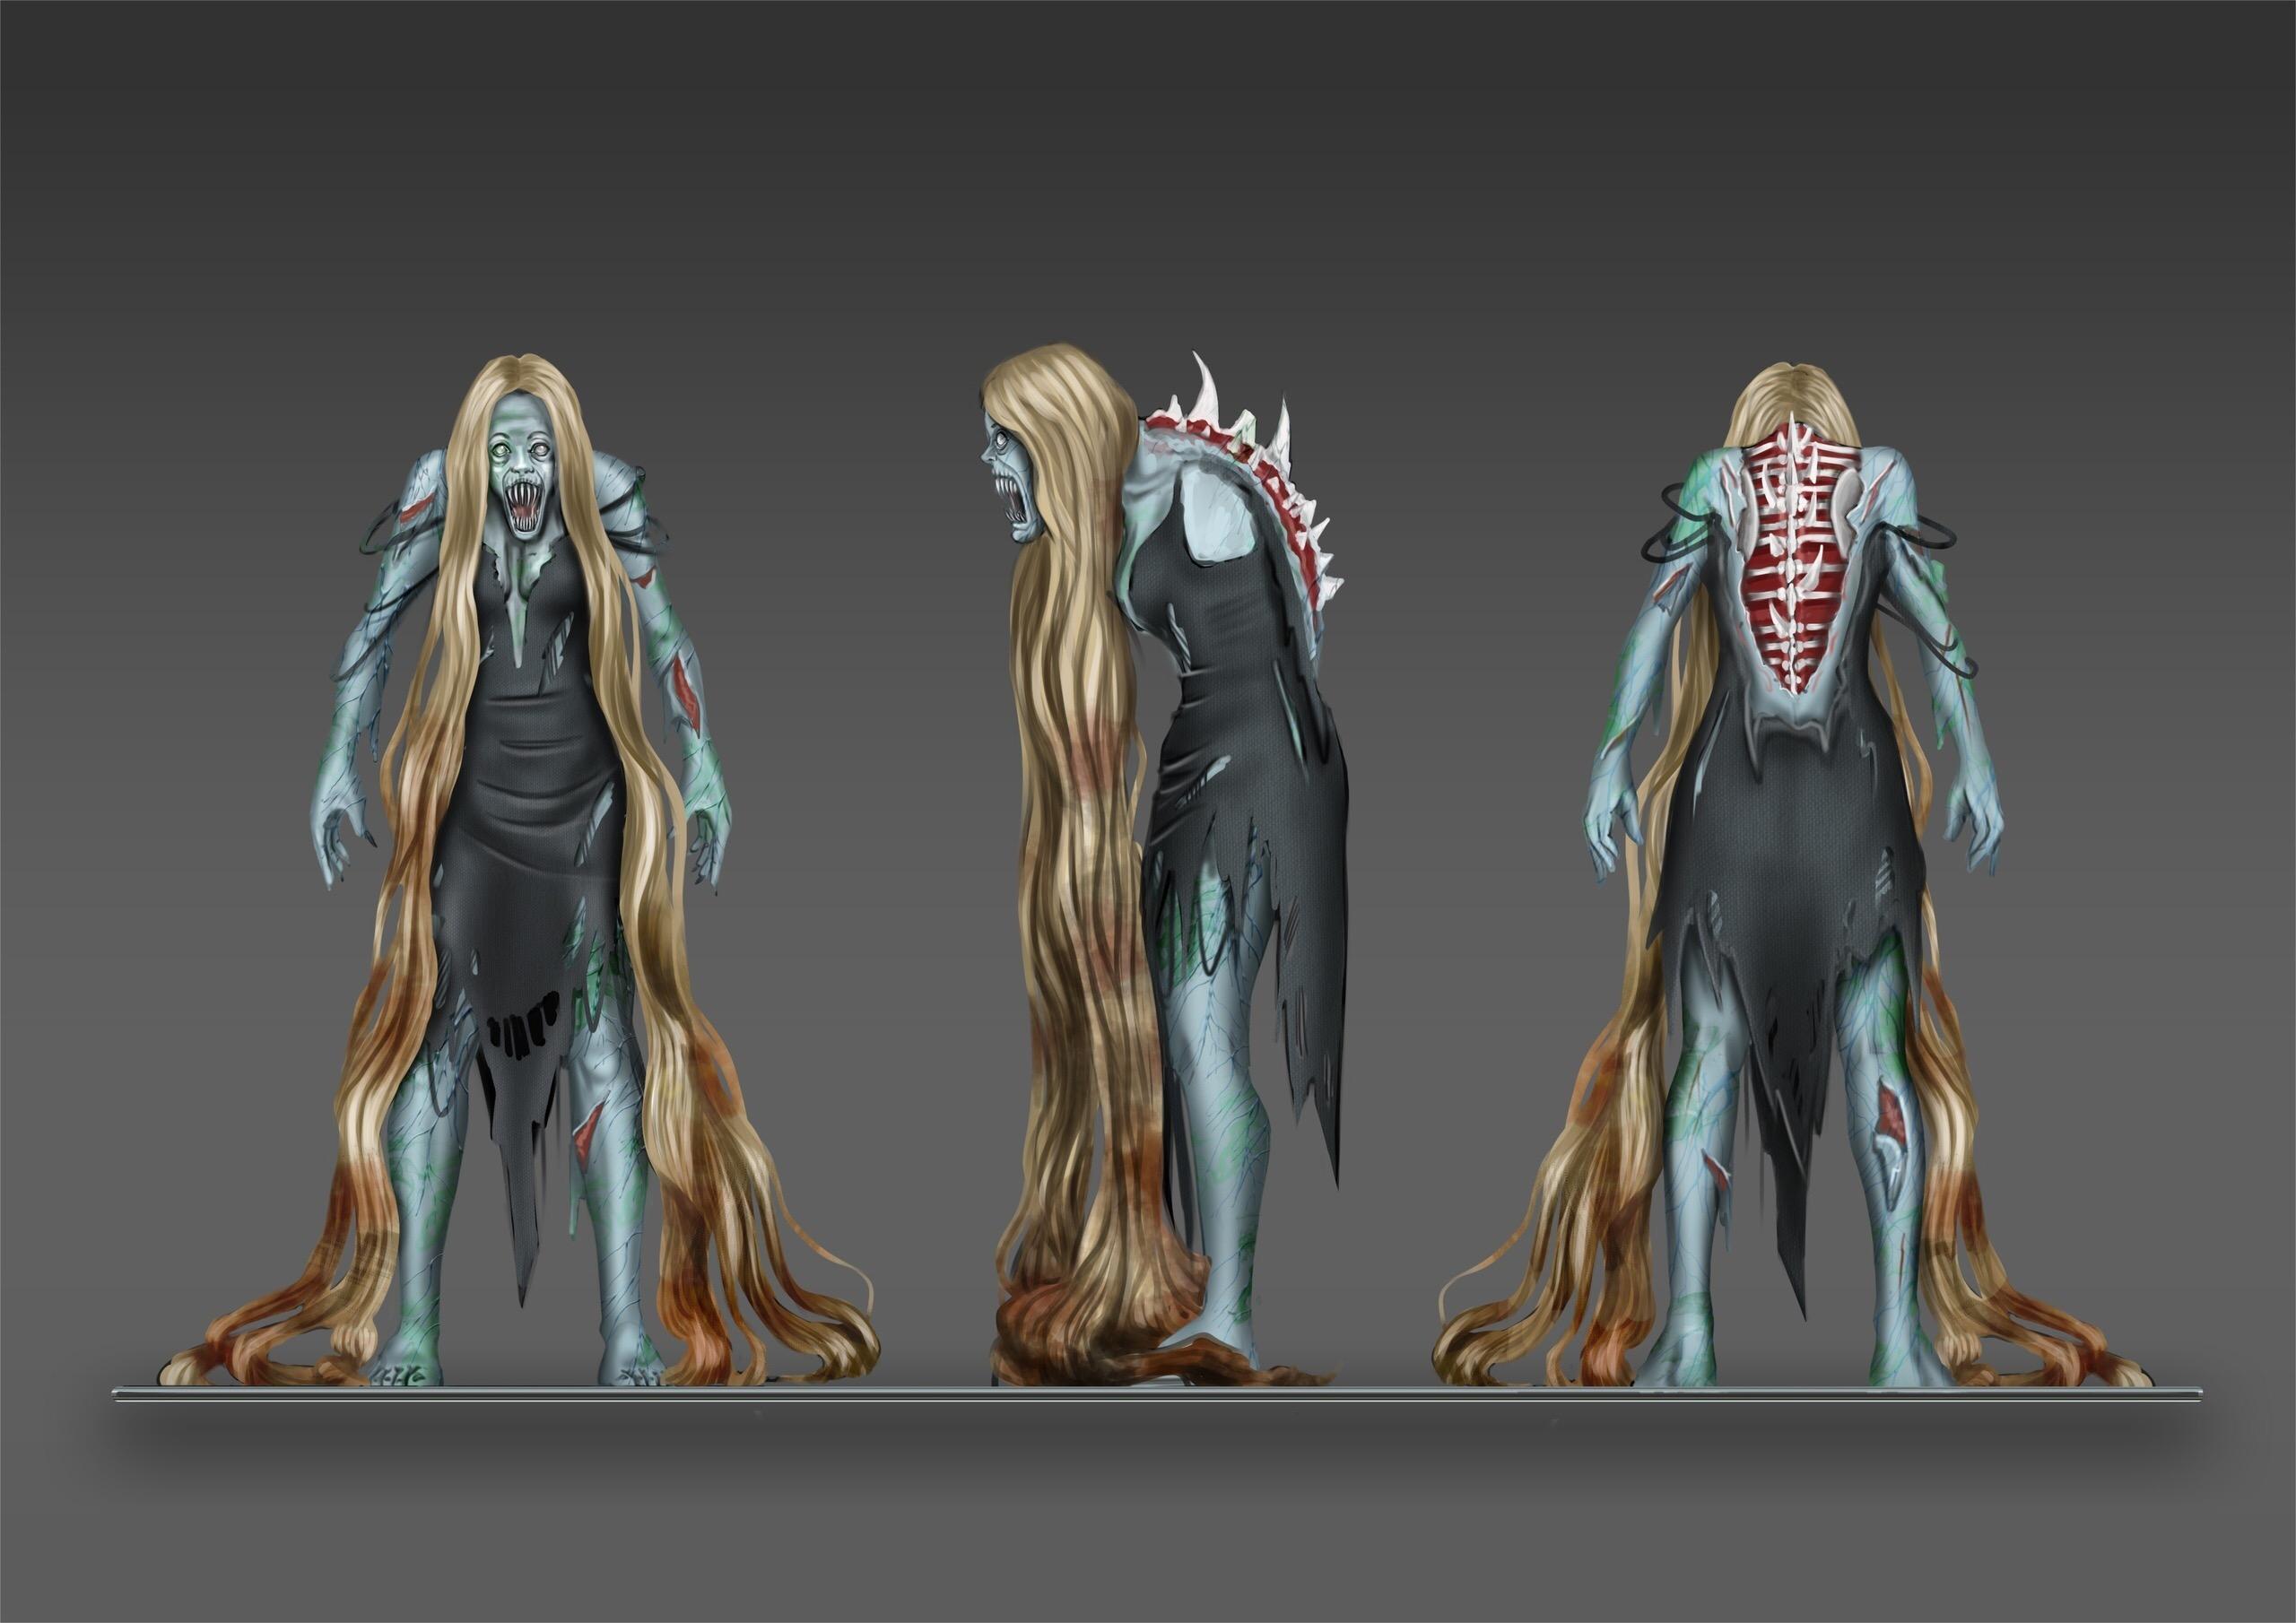 Навка (состояние агрессии) | 3D художник, 3D аниматор